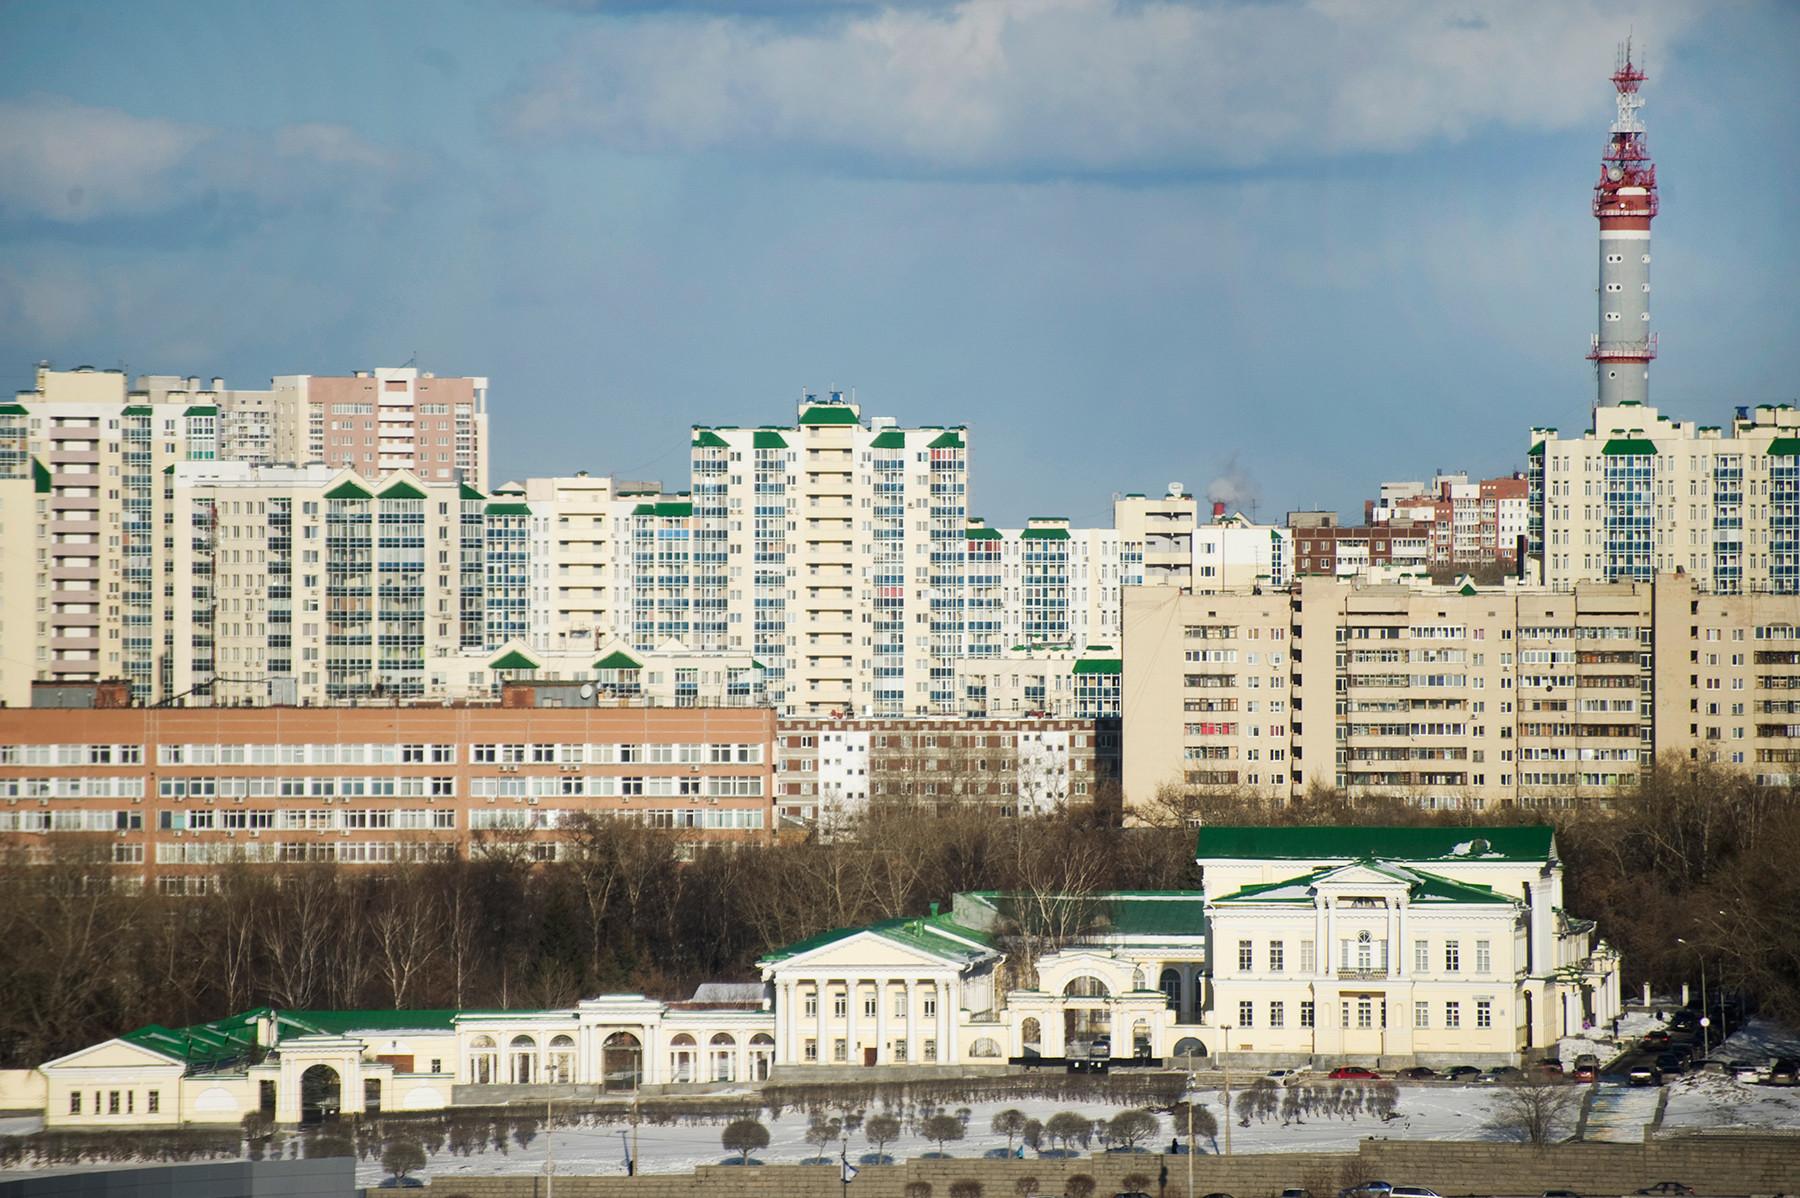 Palazzo Rastorguev-Kharitonov. Facciata laterale con grattacieli e condomini sullo sfondo. 1º aprile 2017